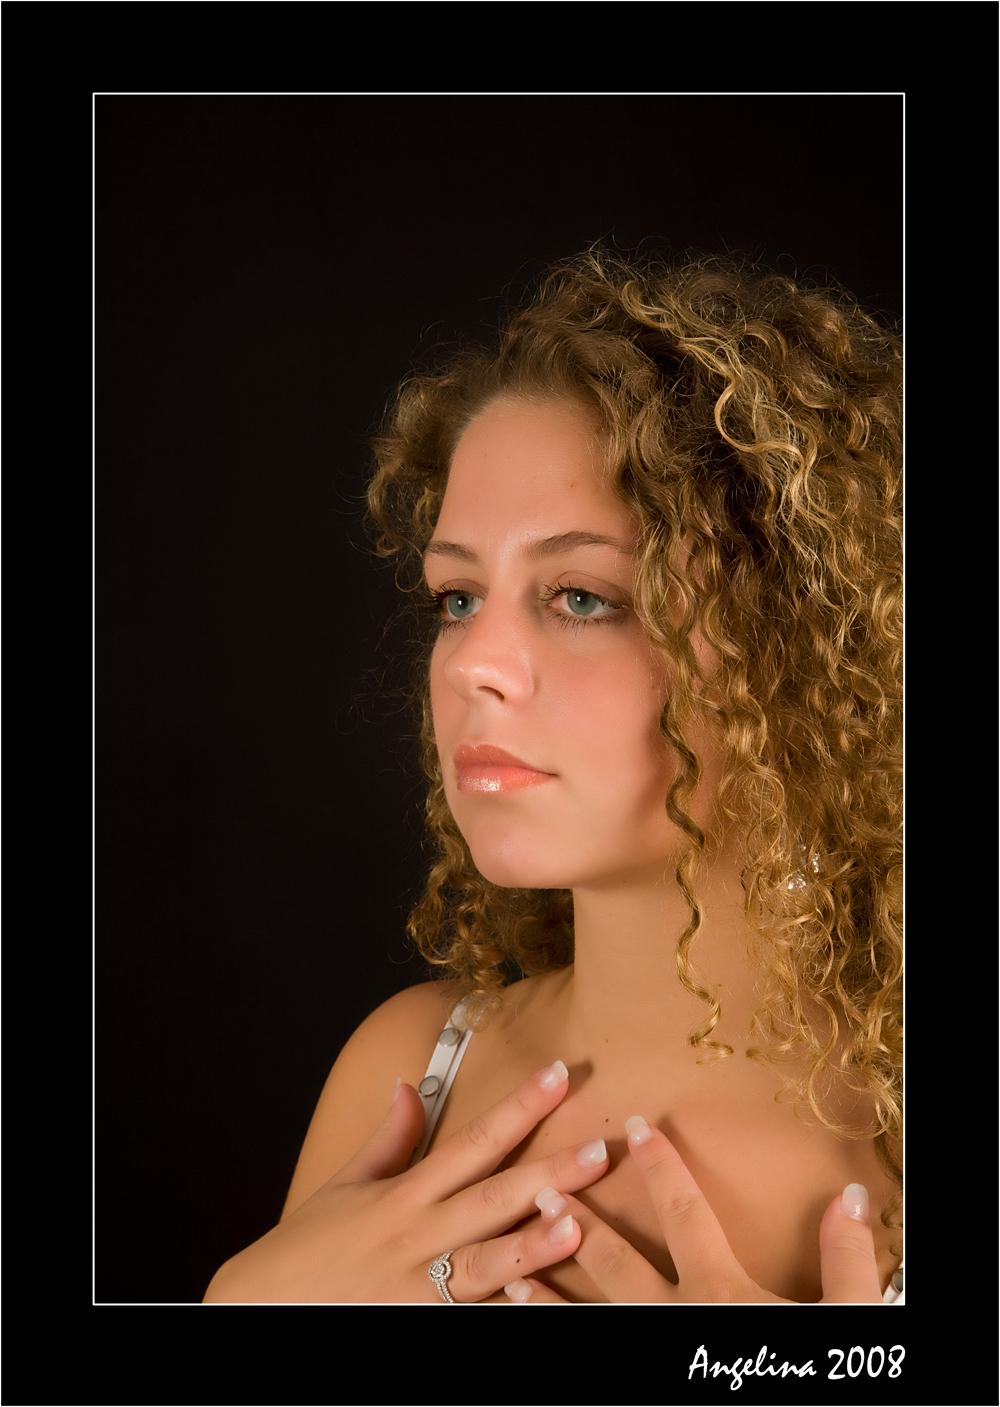 Angelina 2008 - opname  angelina - foto door boldy_zoom op 24-09-2008 - deze foto bevat: model, meisje, schoonheid, blond, nagels, shoot, angelina